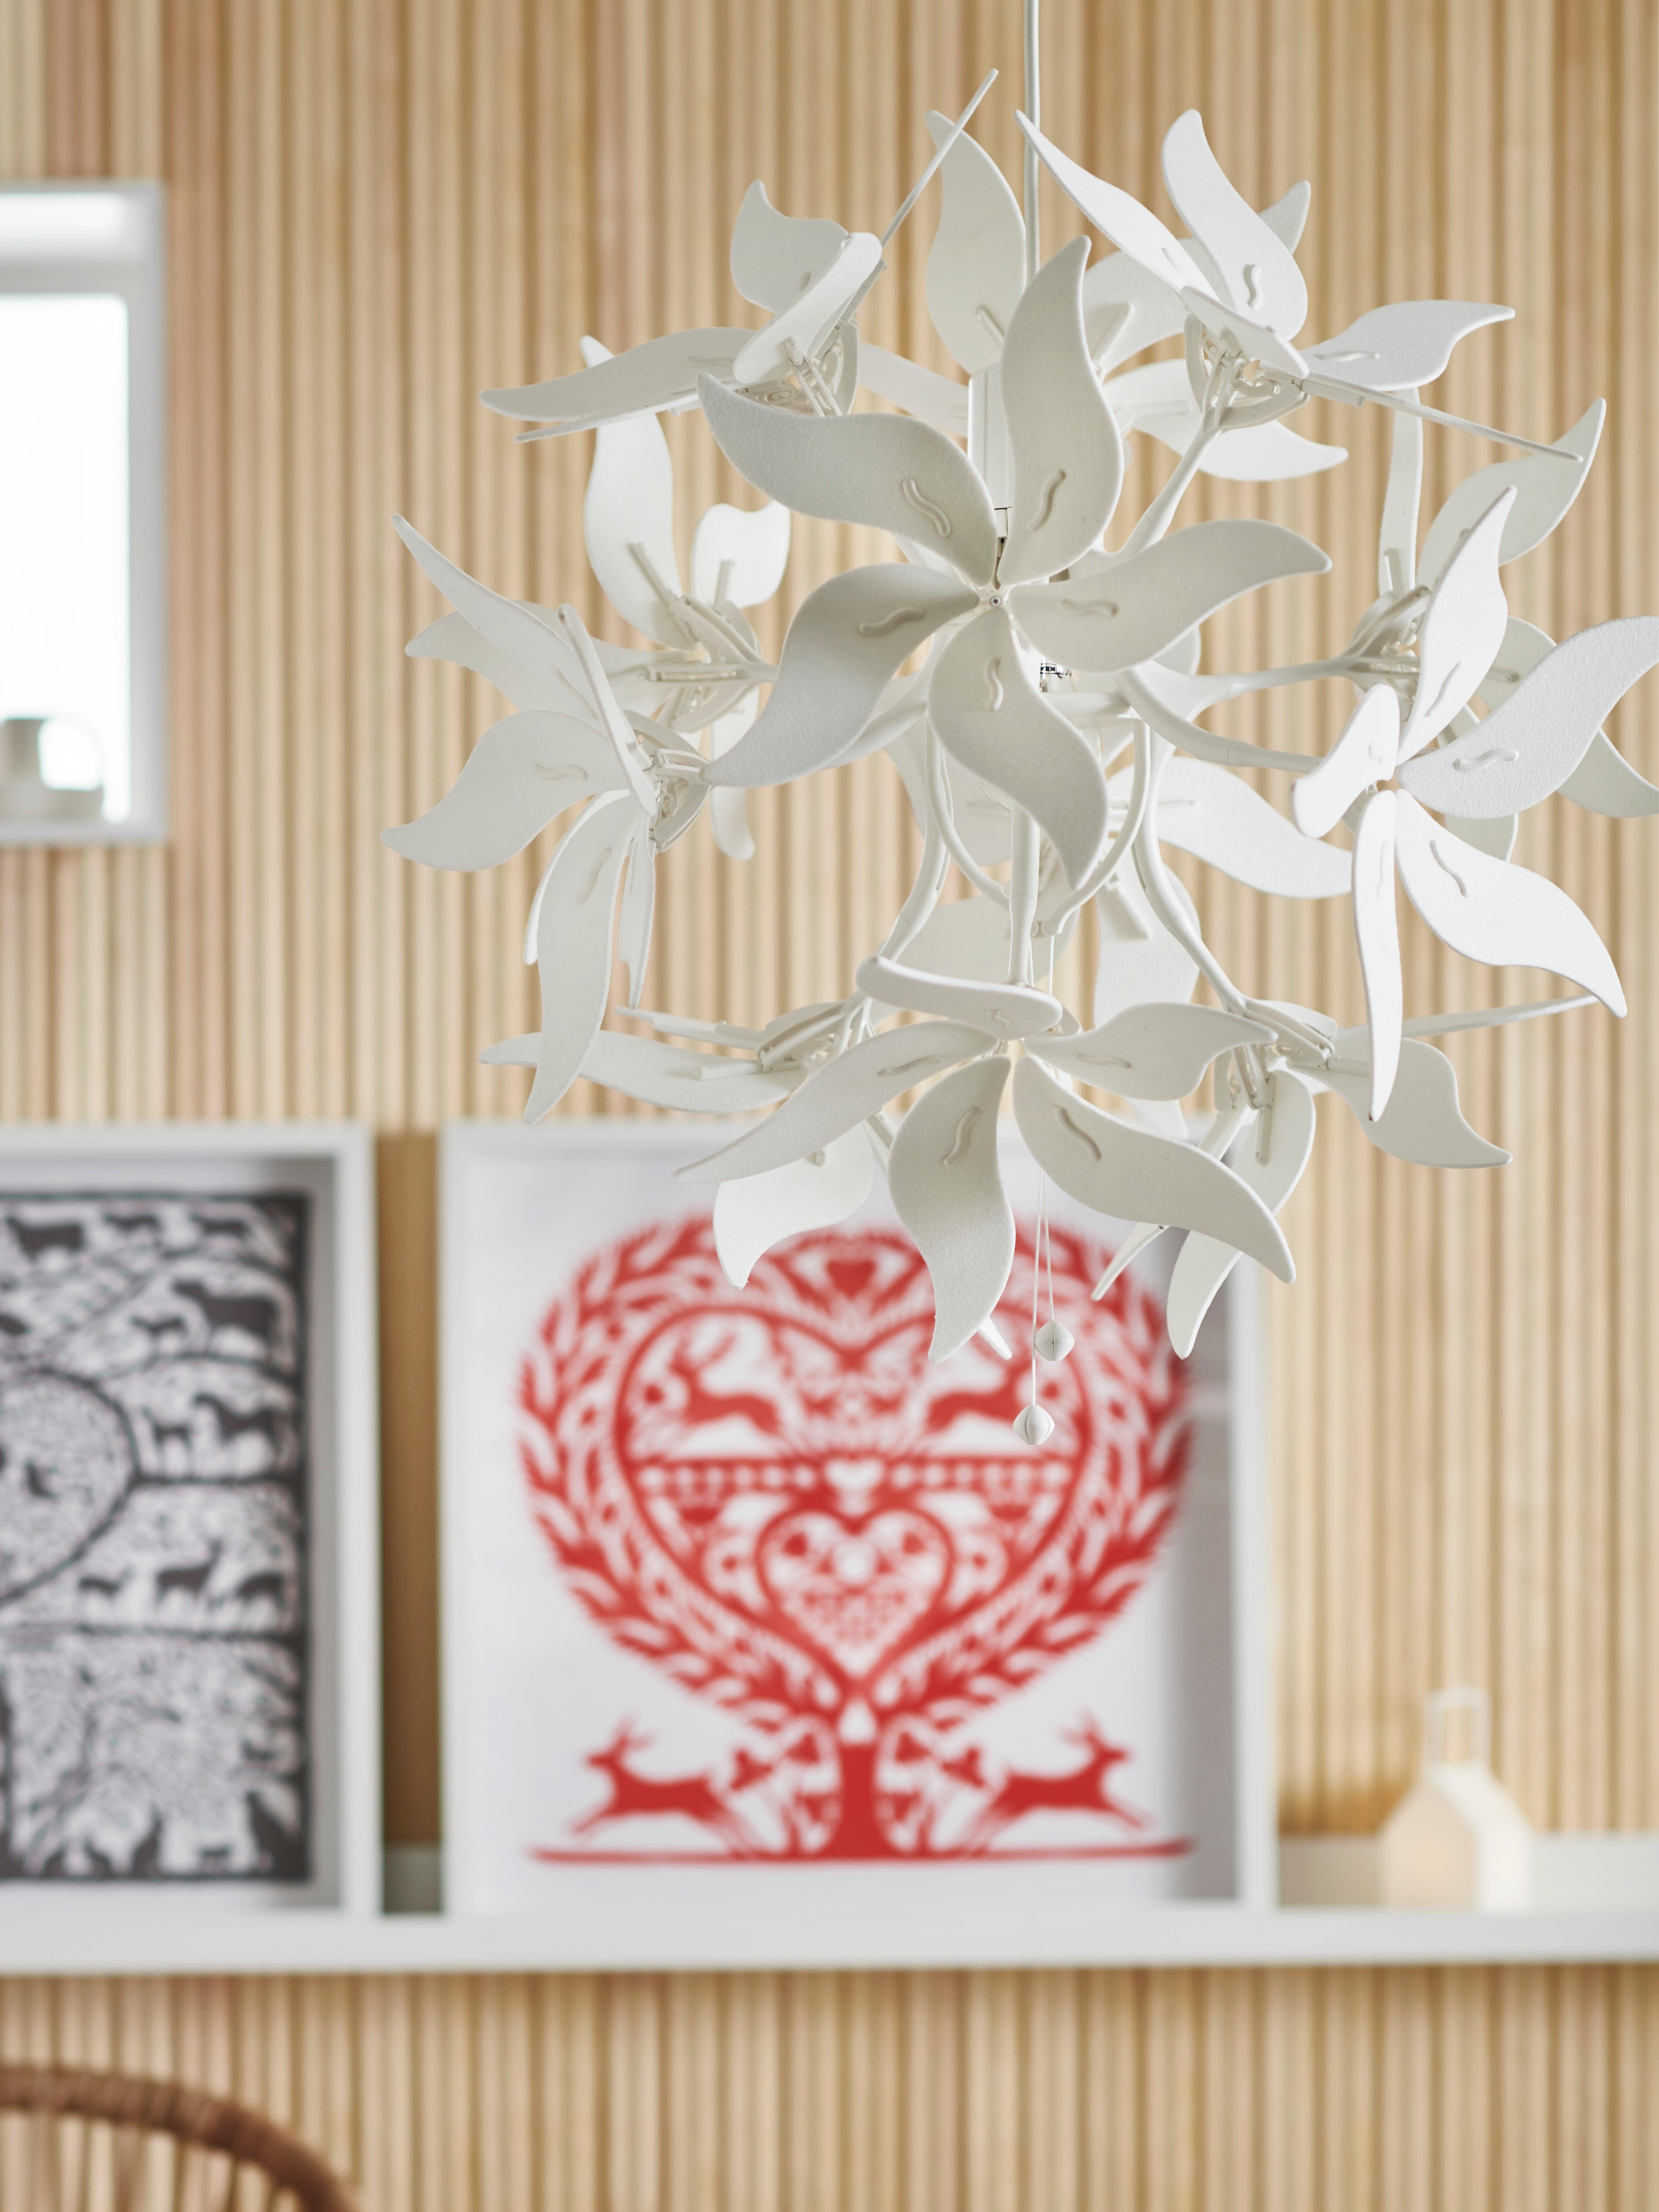 Forma geometrikoa duen sabaiko lanpara zuriaren xehetasuna, marko zuriak hormako apal zurian, dekorazio-objektua, egongelan.